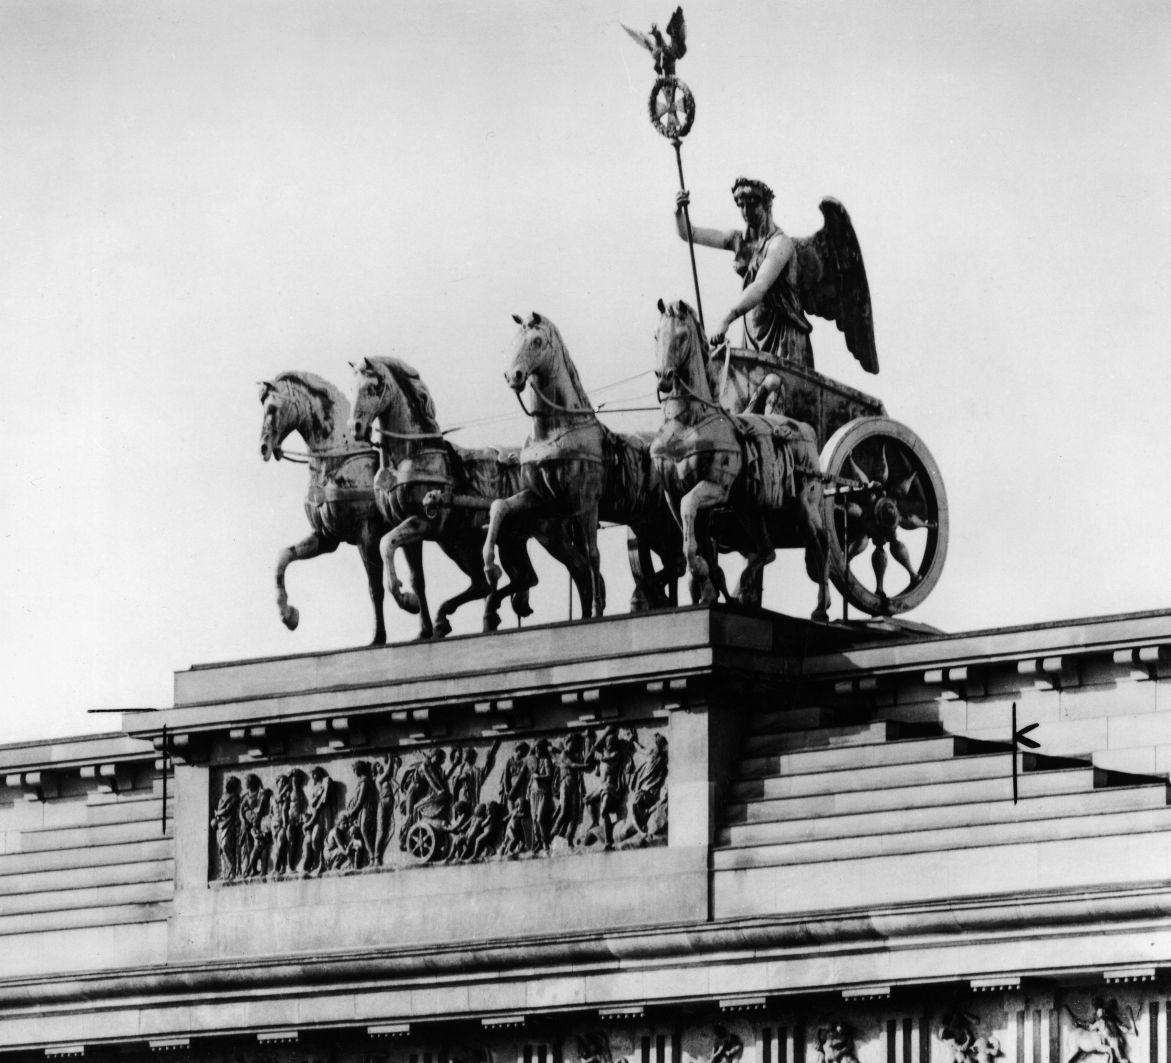 """Die Friedensgöttin mit dem Relief """"Zug des Friedens"""", von Bildhauer: Johann Gottfried Schadow, Aufnahme um 1930 © Staatliche Museen zu Berlin , Kunstbibliothek / Willy Römer"""